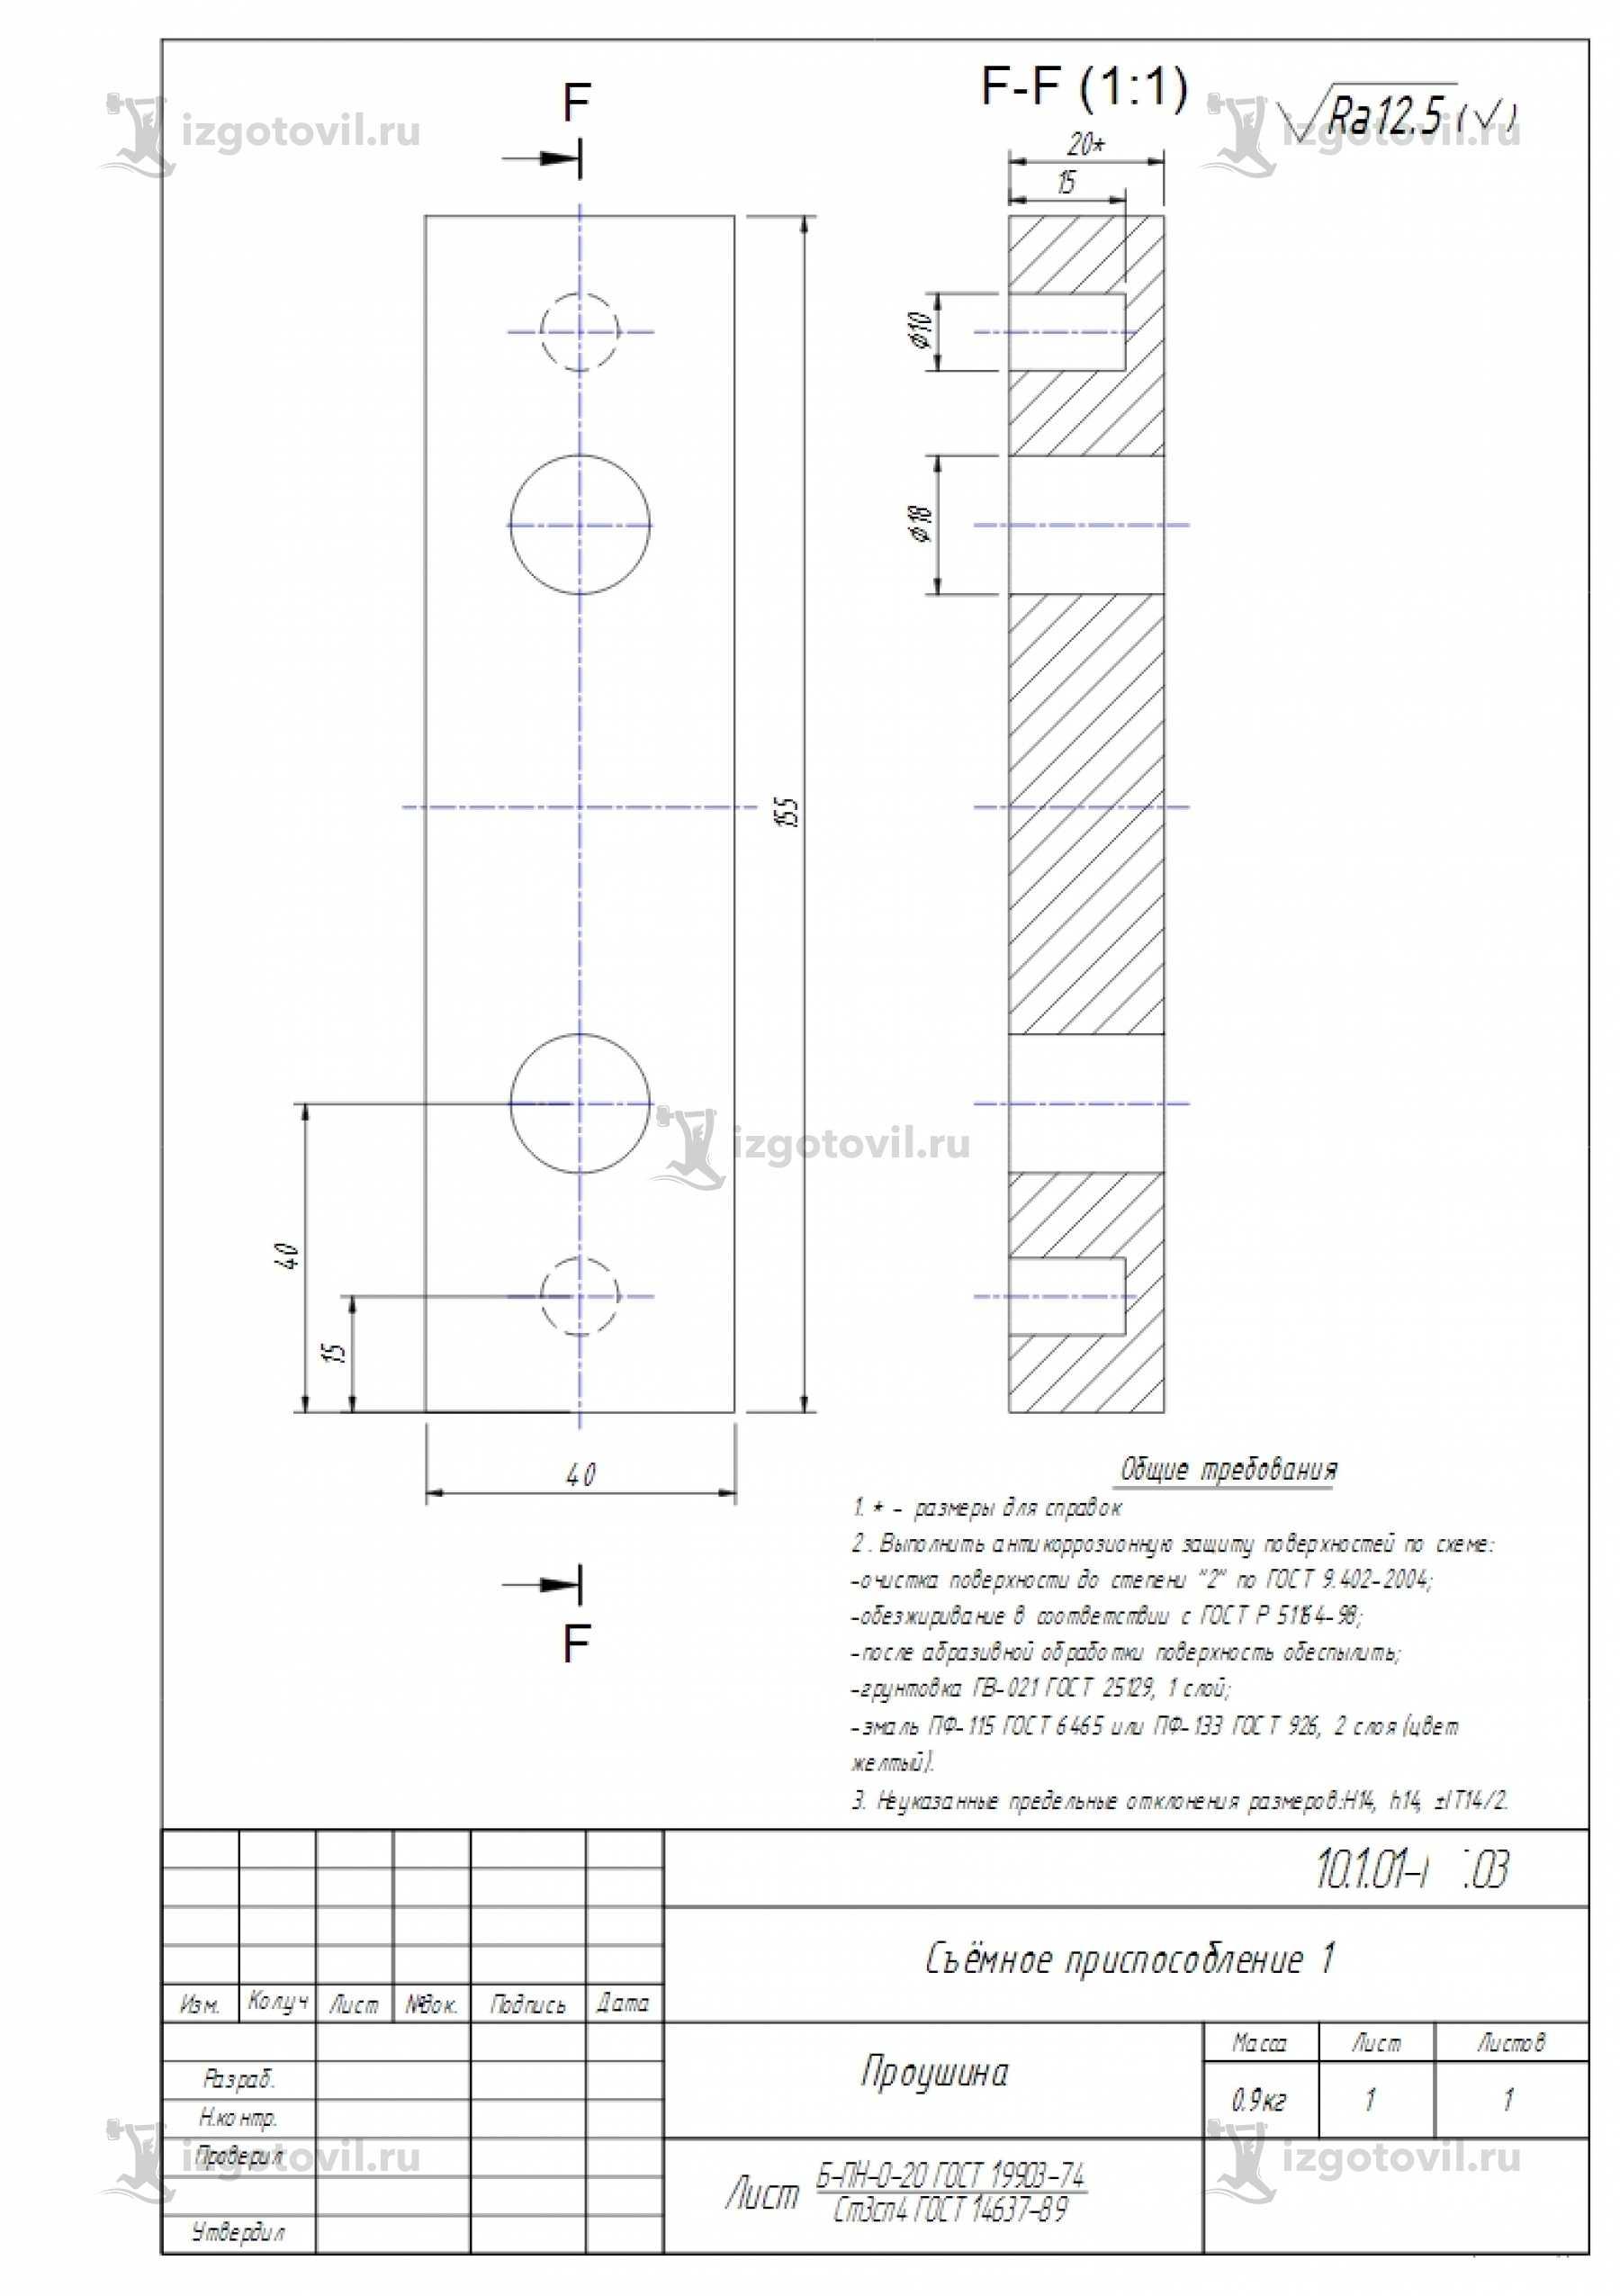 Изготовление деталей по чертежам - изготовление съемного приспособления